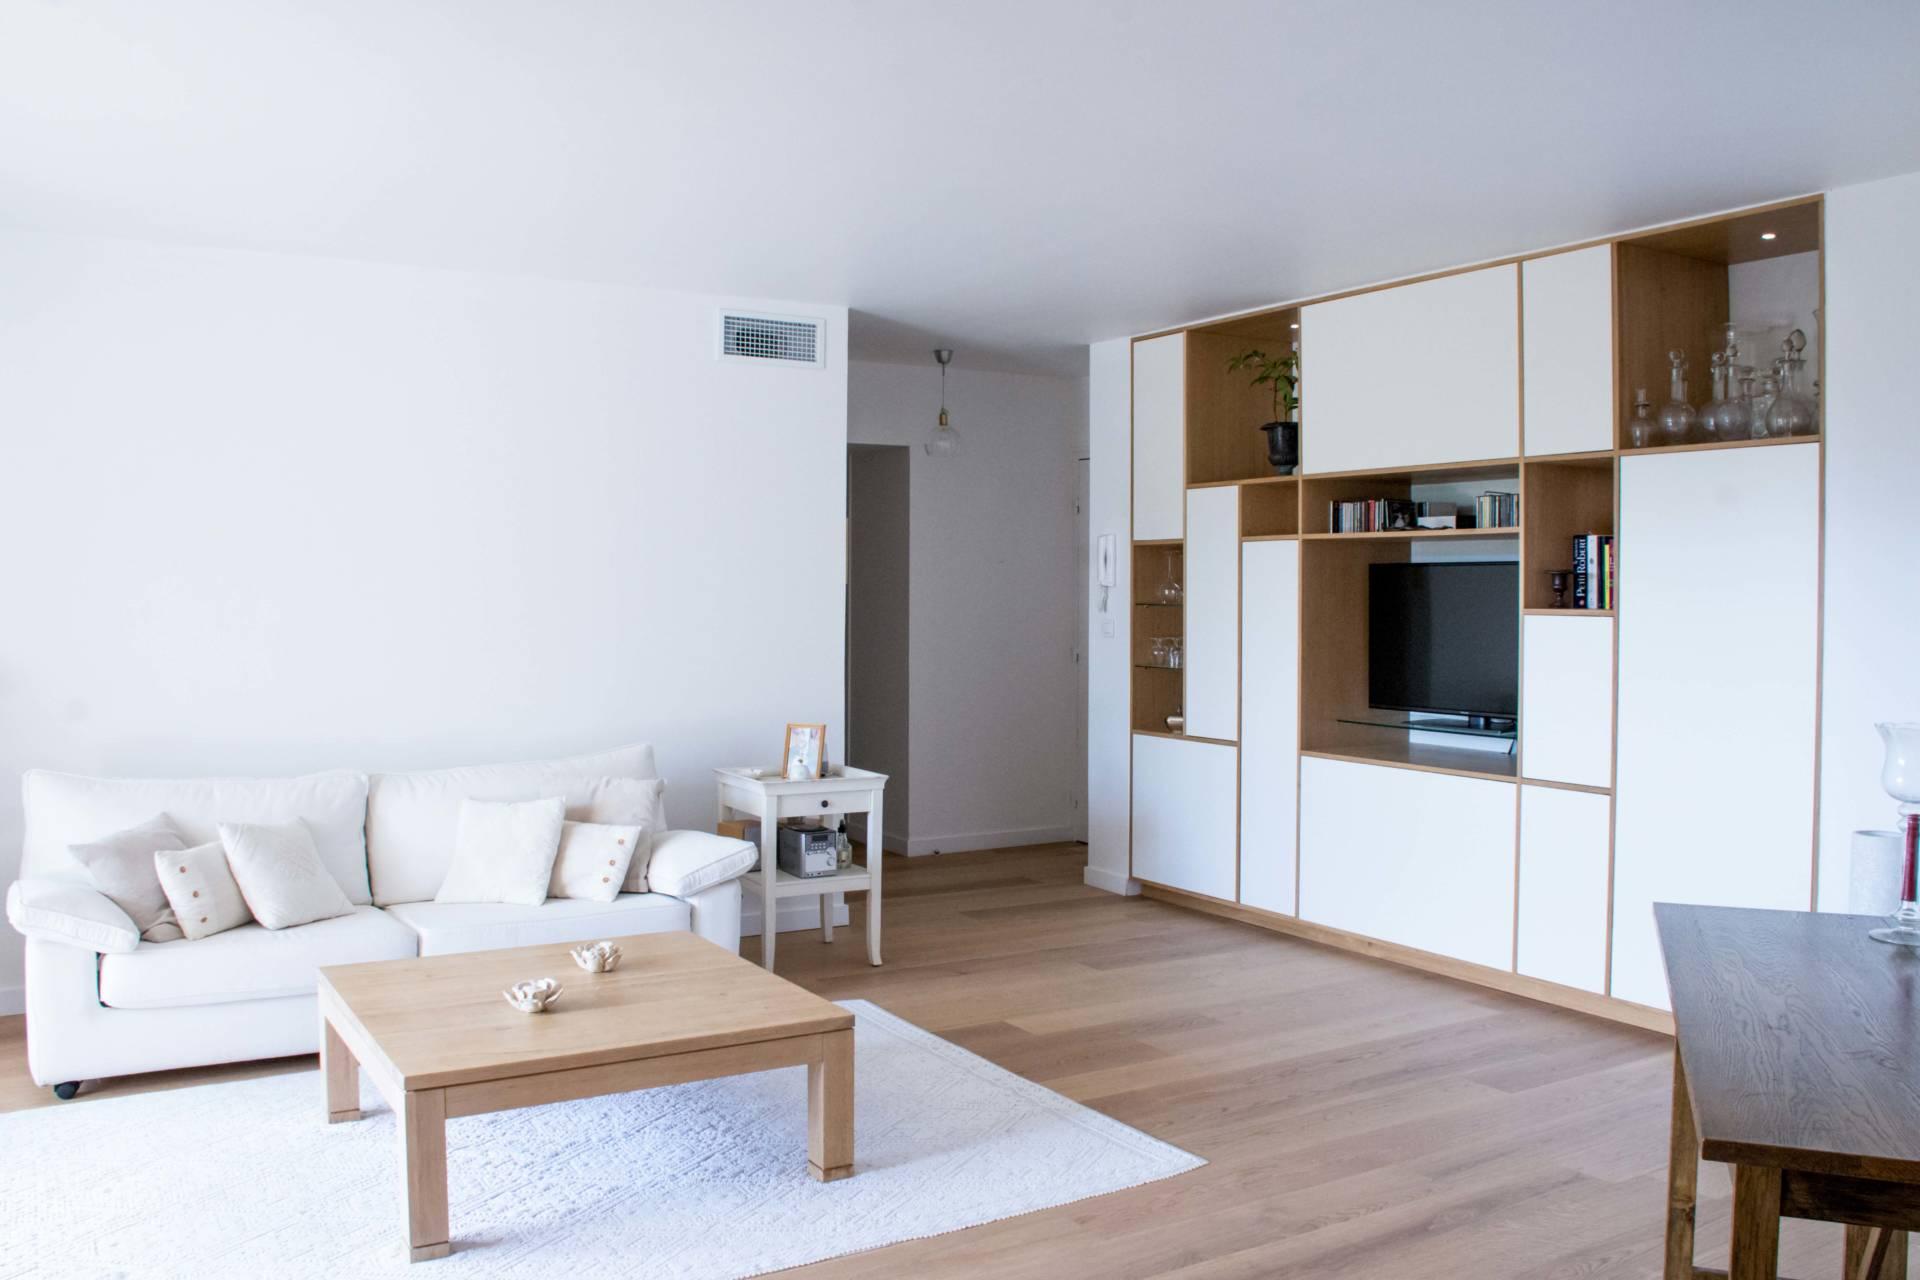 Conception d'agencement pour salon à Lattes par Neo Design, Architecte d'intérieur à Montpellier 34 : vue d'ensemble.